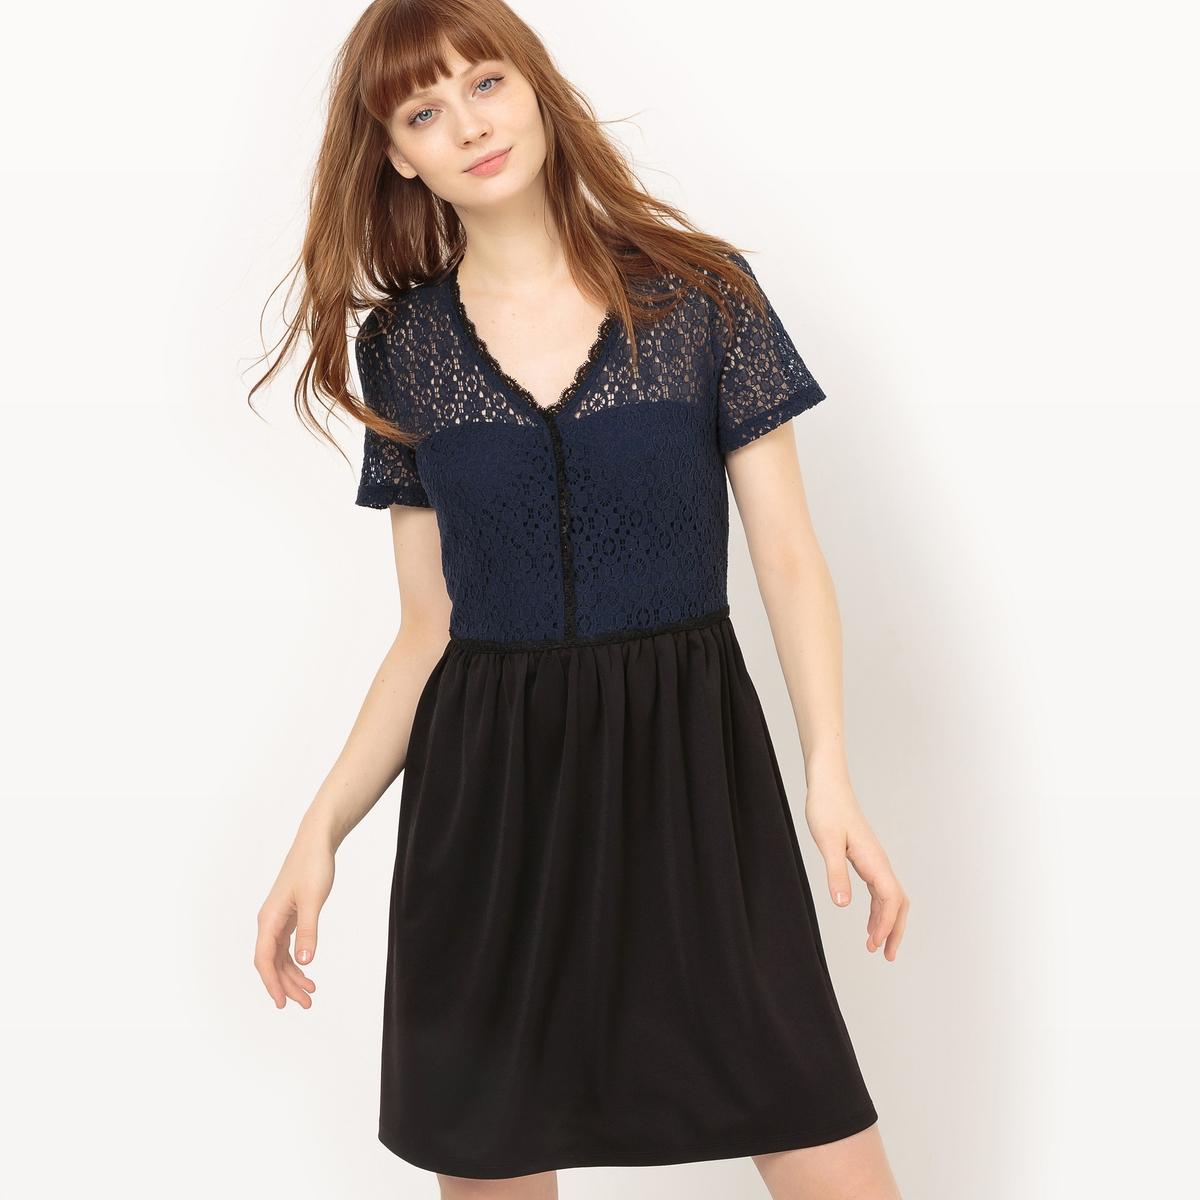 Платье короткое с короткими рукавамиДетали •  Форма : прямая  •  короткое •  Короткие рукава    •   V-образный вырезСостав и уход •  100% полиэстер  •  Следуйте советам по уходу, указанным на этикетке<br><br>Цвет: темно-синий<br>Размер: M.S